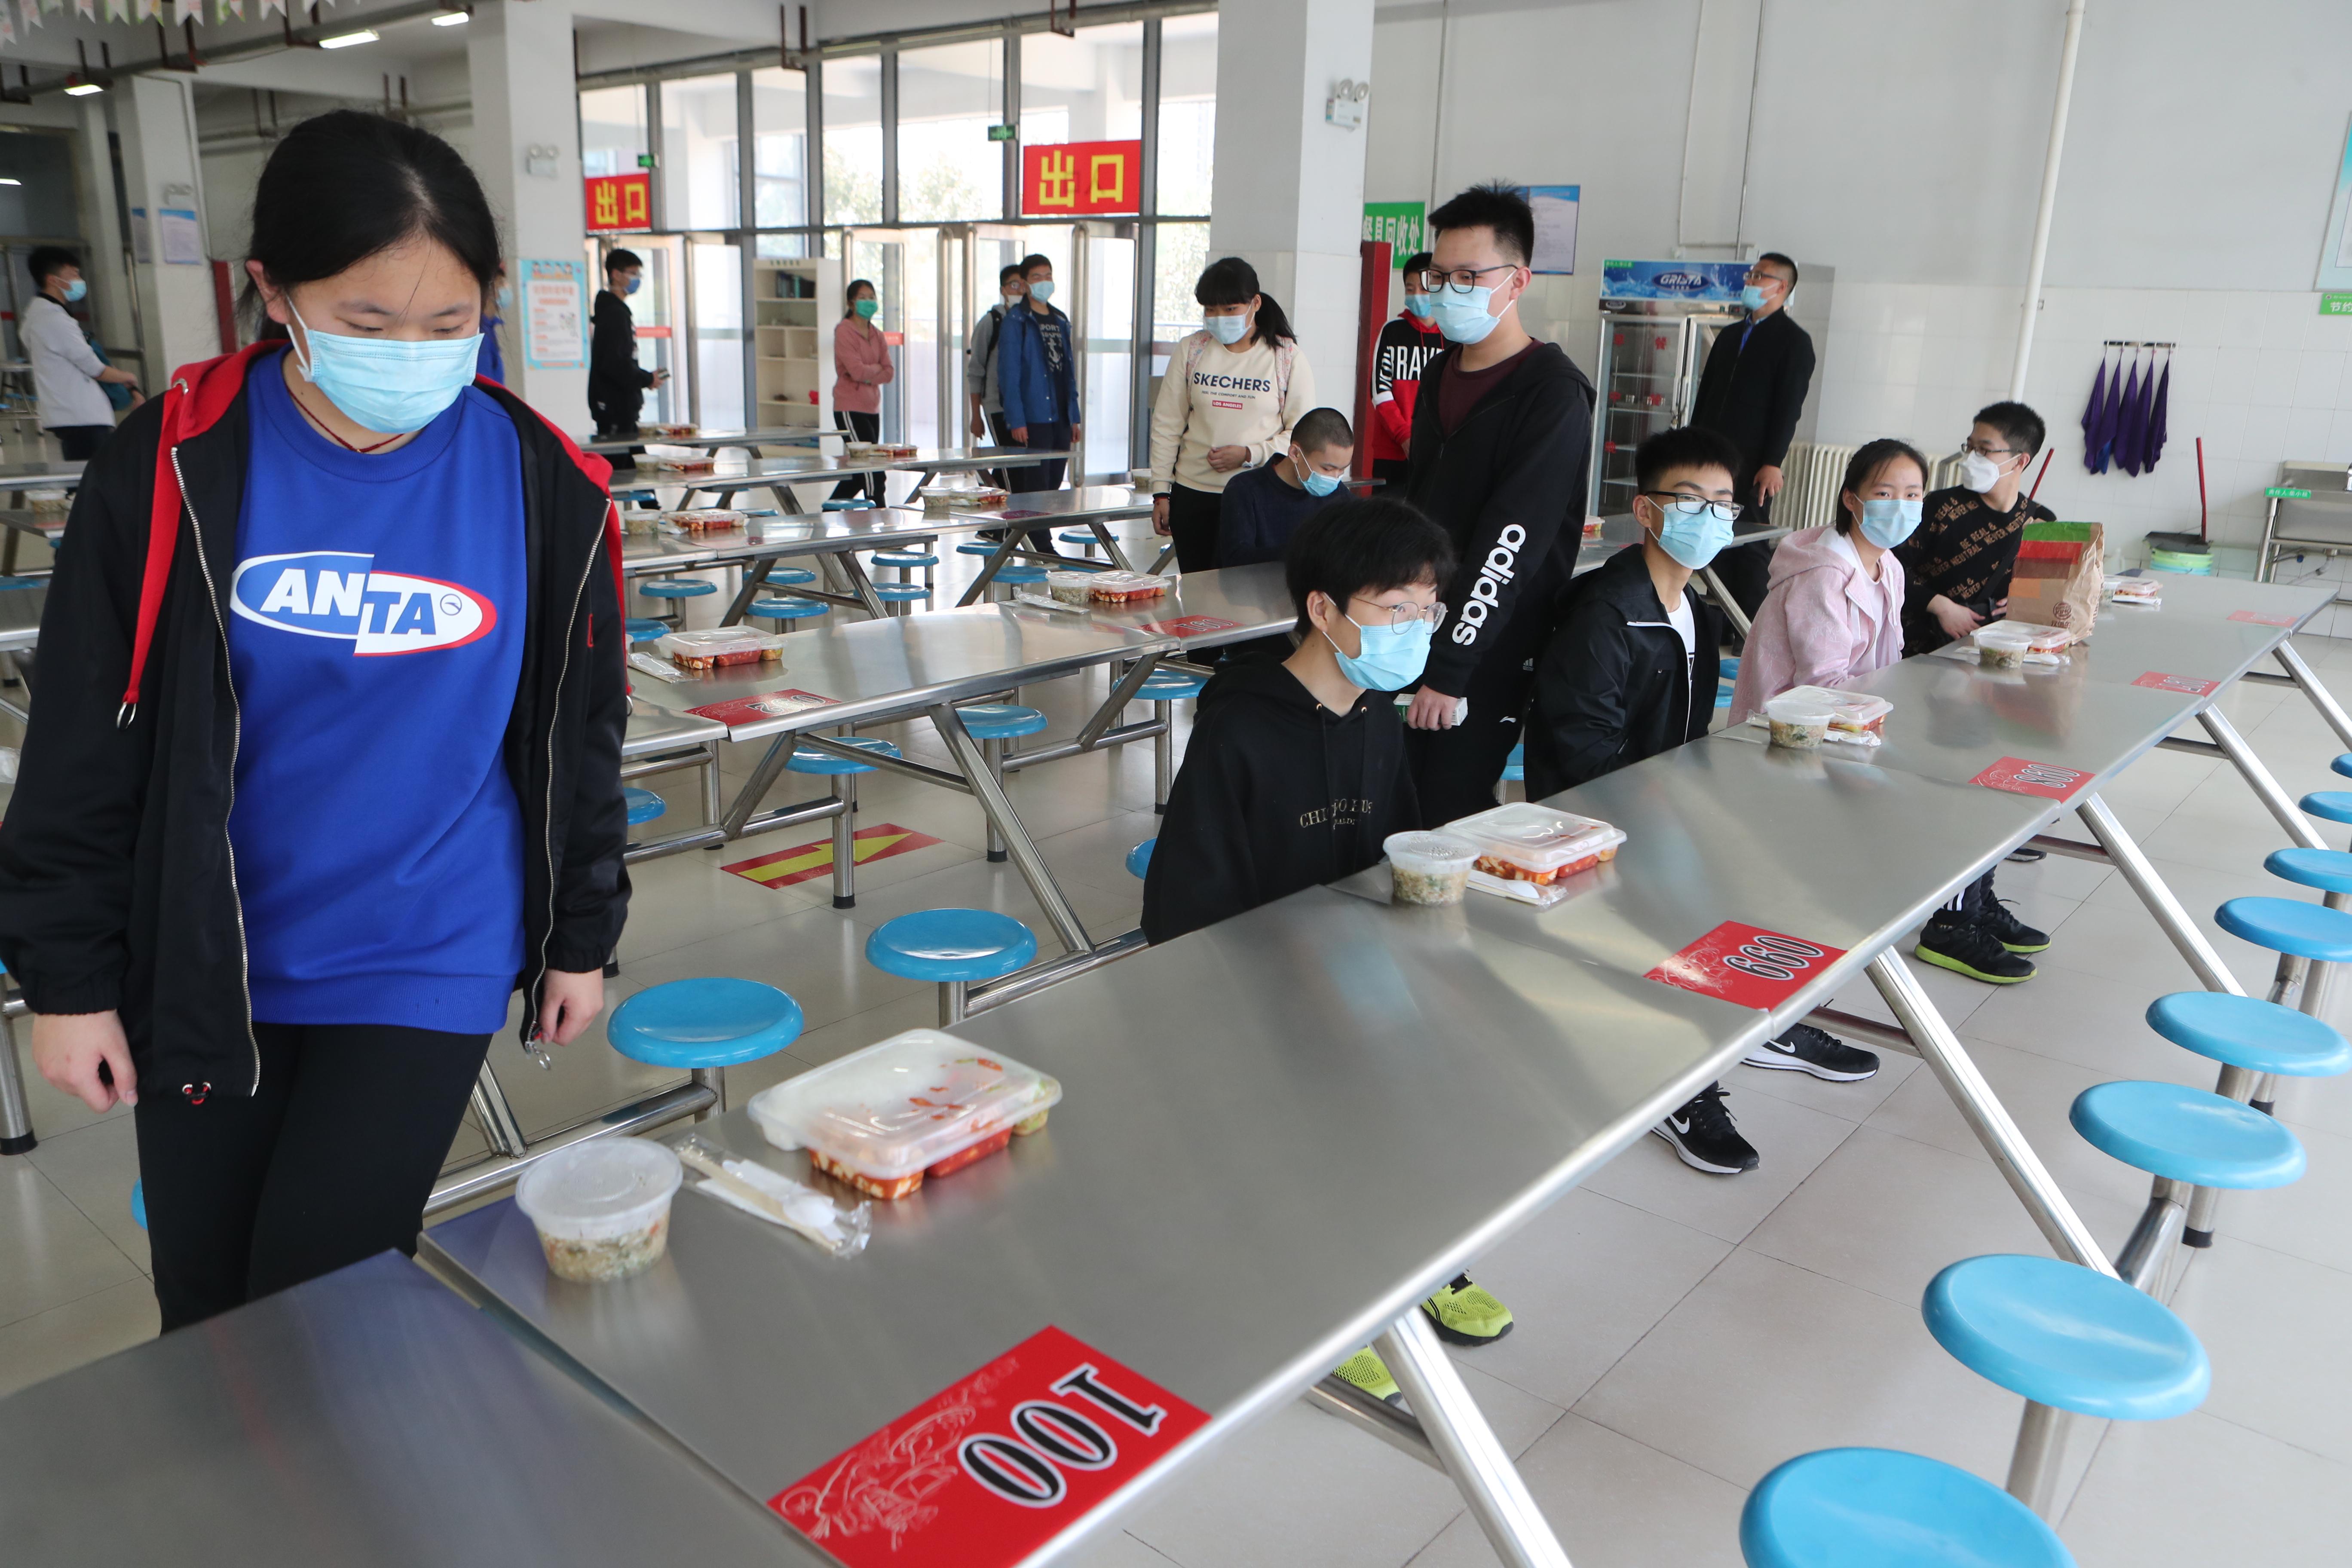 郑州初三学生复学首日:就餐单人单桌,定人定桌